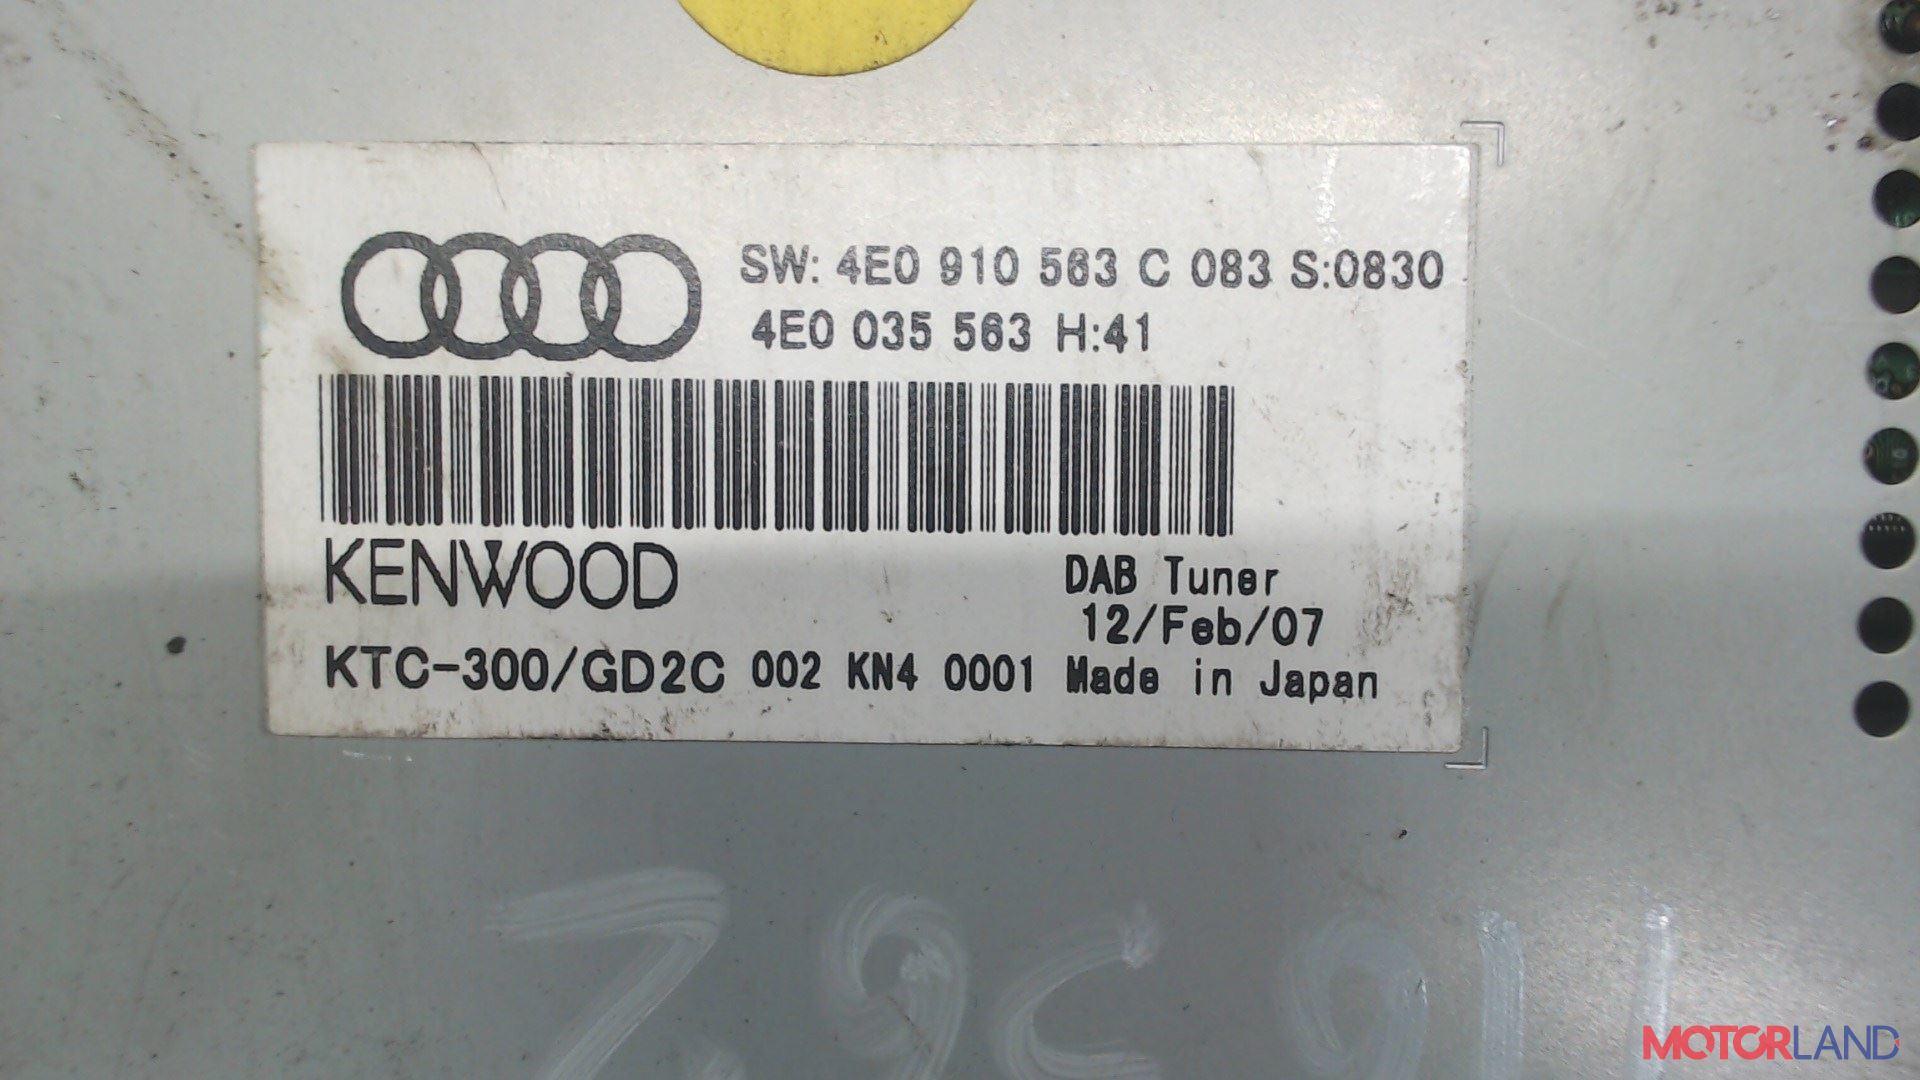 Блок управления (ЭБУ) Audi A6 (C6) 2005-2011 2.7 л. 2007 BPP б/у #2